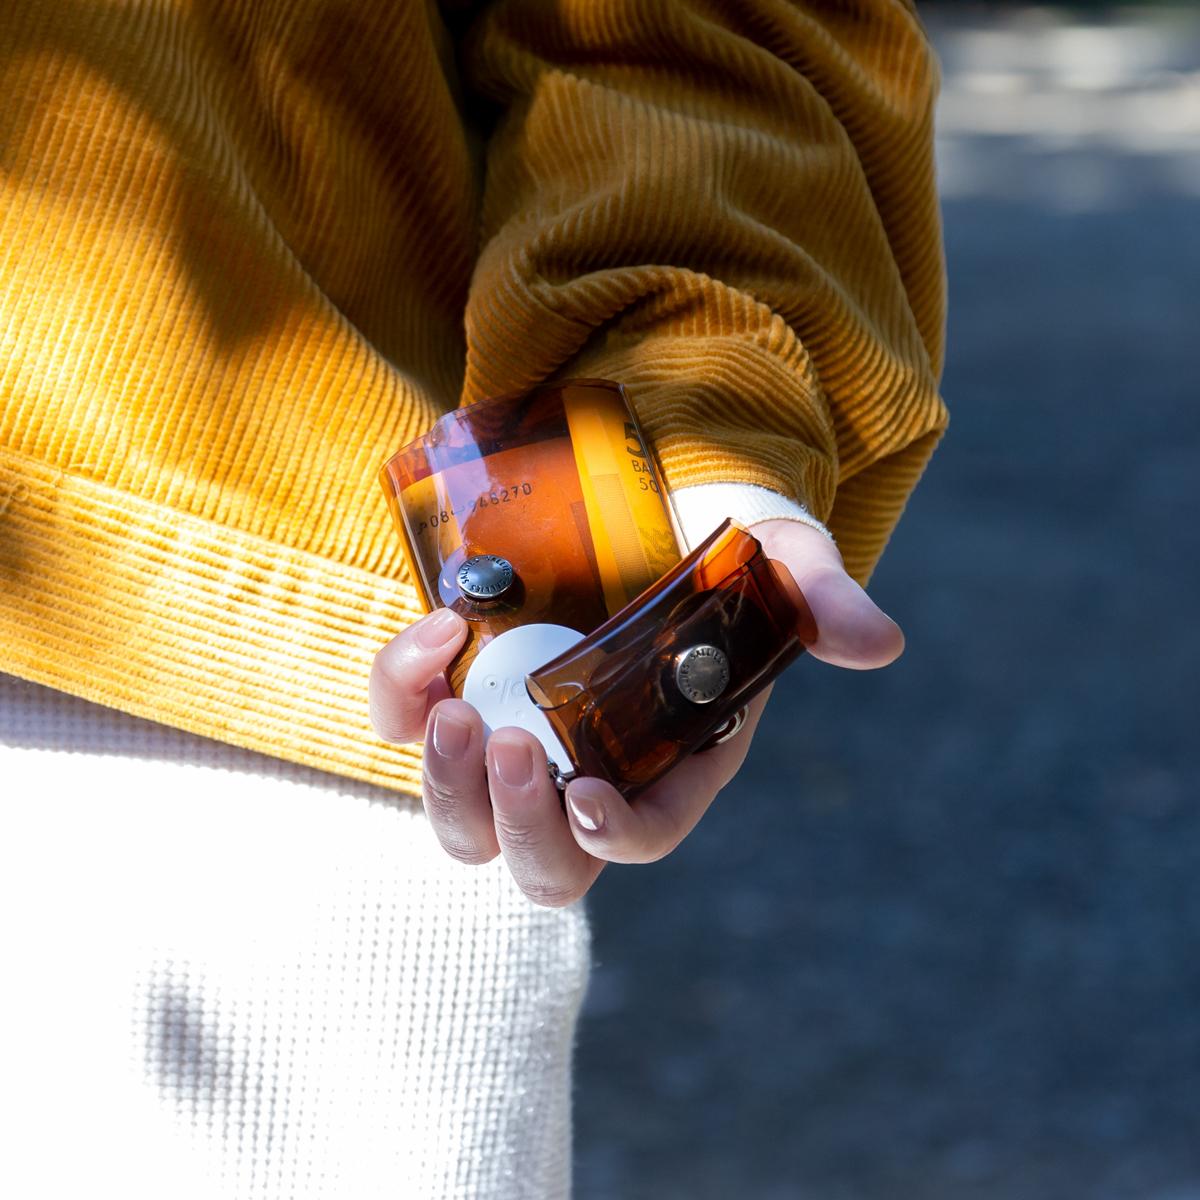 PVC素材だから出せる艶と発色が目を引く、オシャレなジム・旅行・アウトドアにぴったりの軽量&収納力の「ミニ財布」|SALLIES